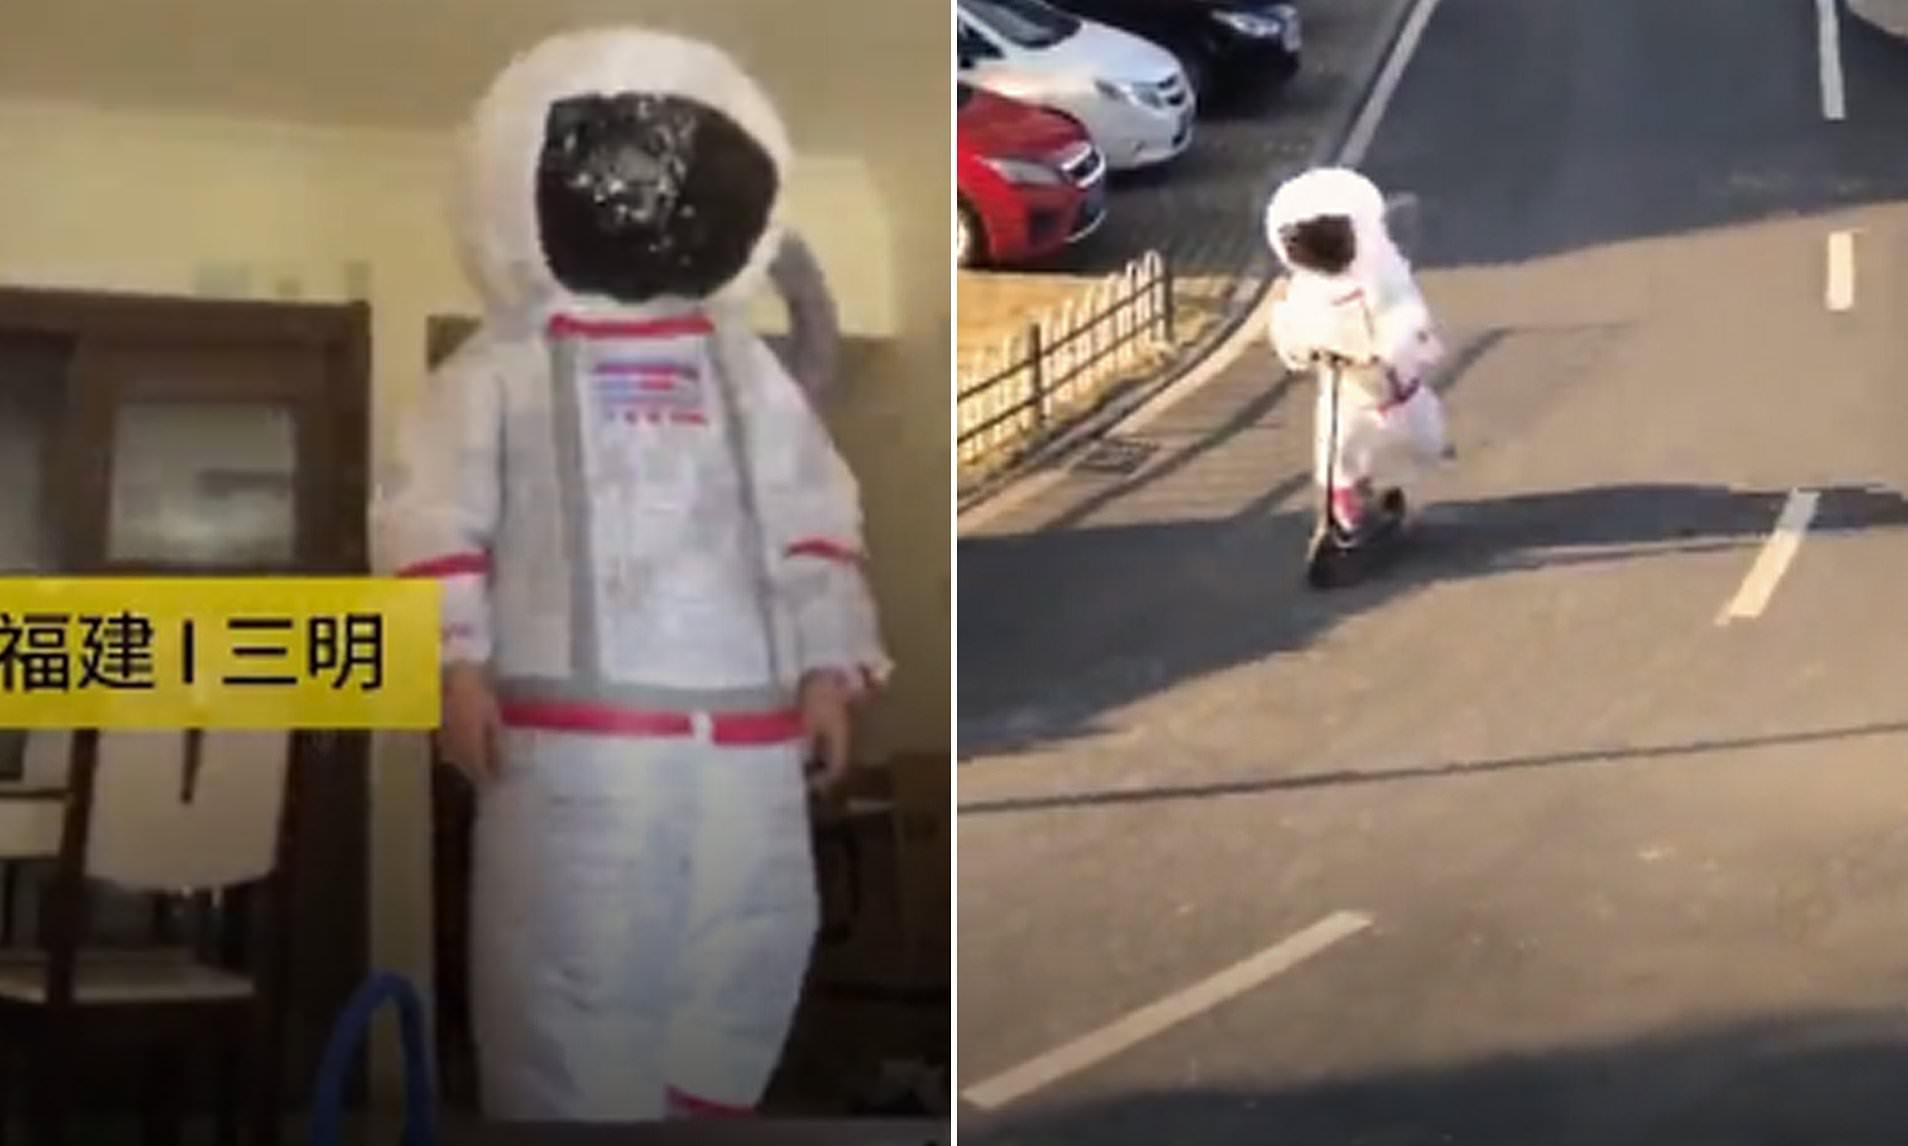 Kinezi vishet si astronaut për tu mbrojtur nga koronavirusi